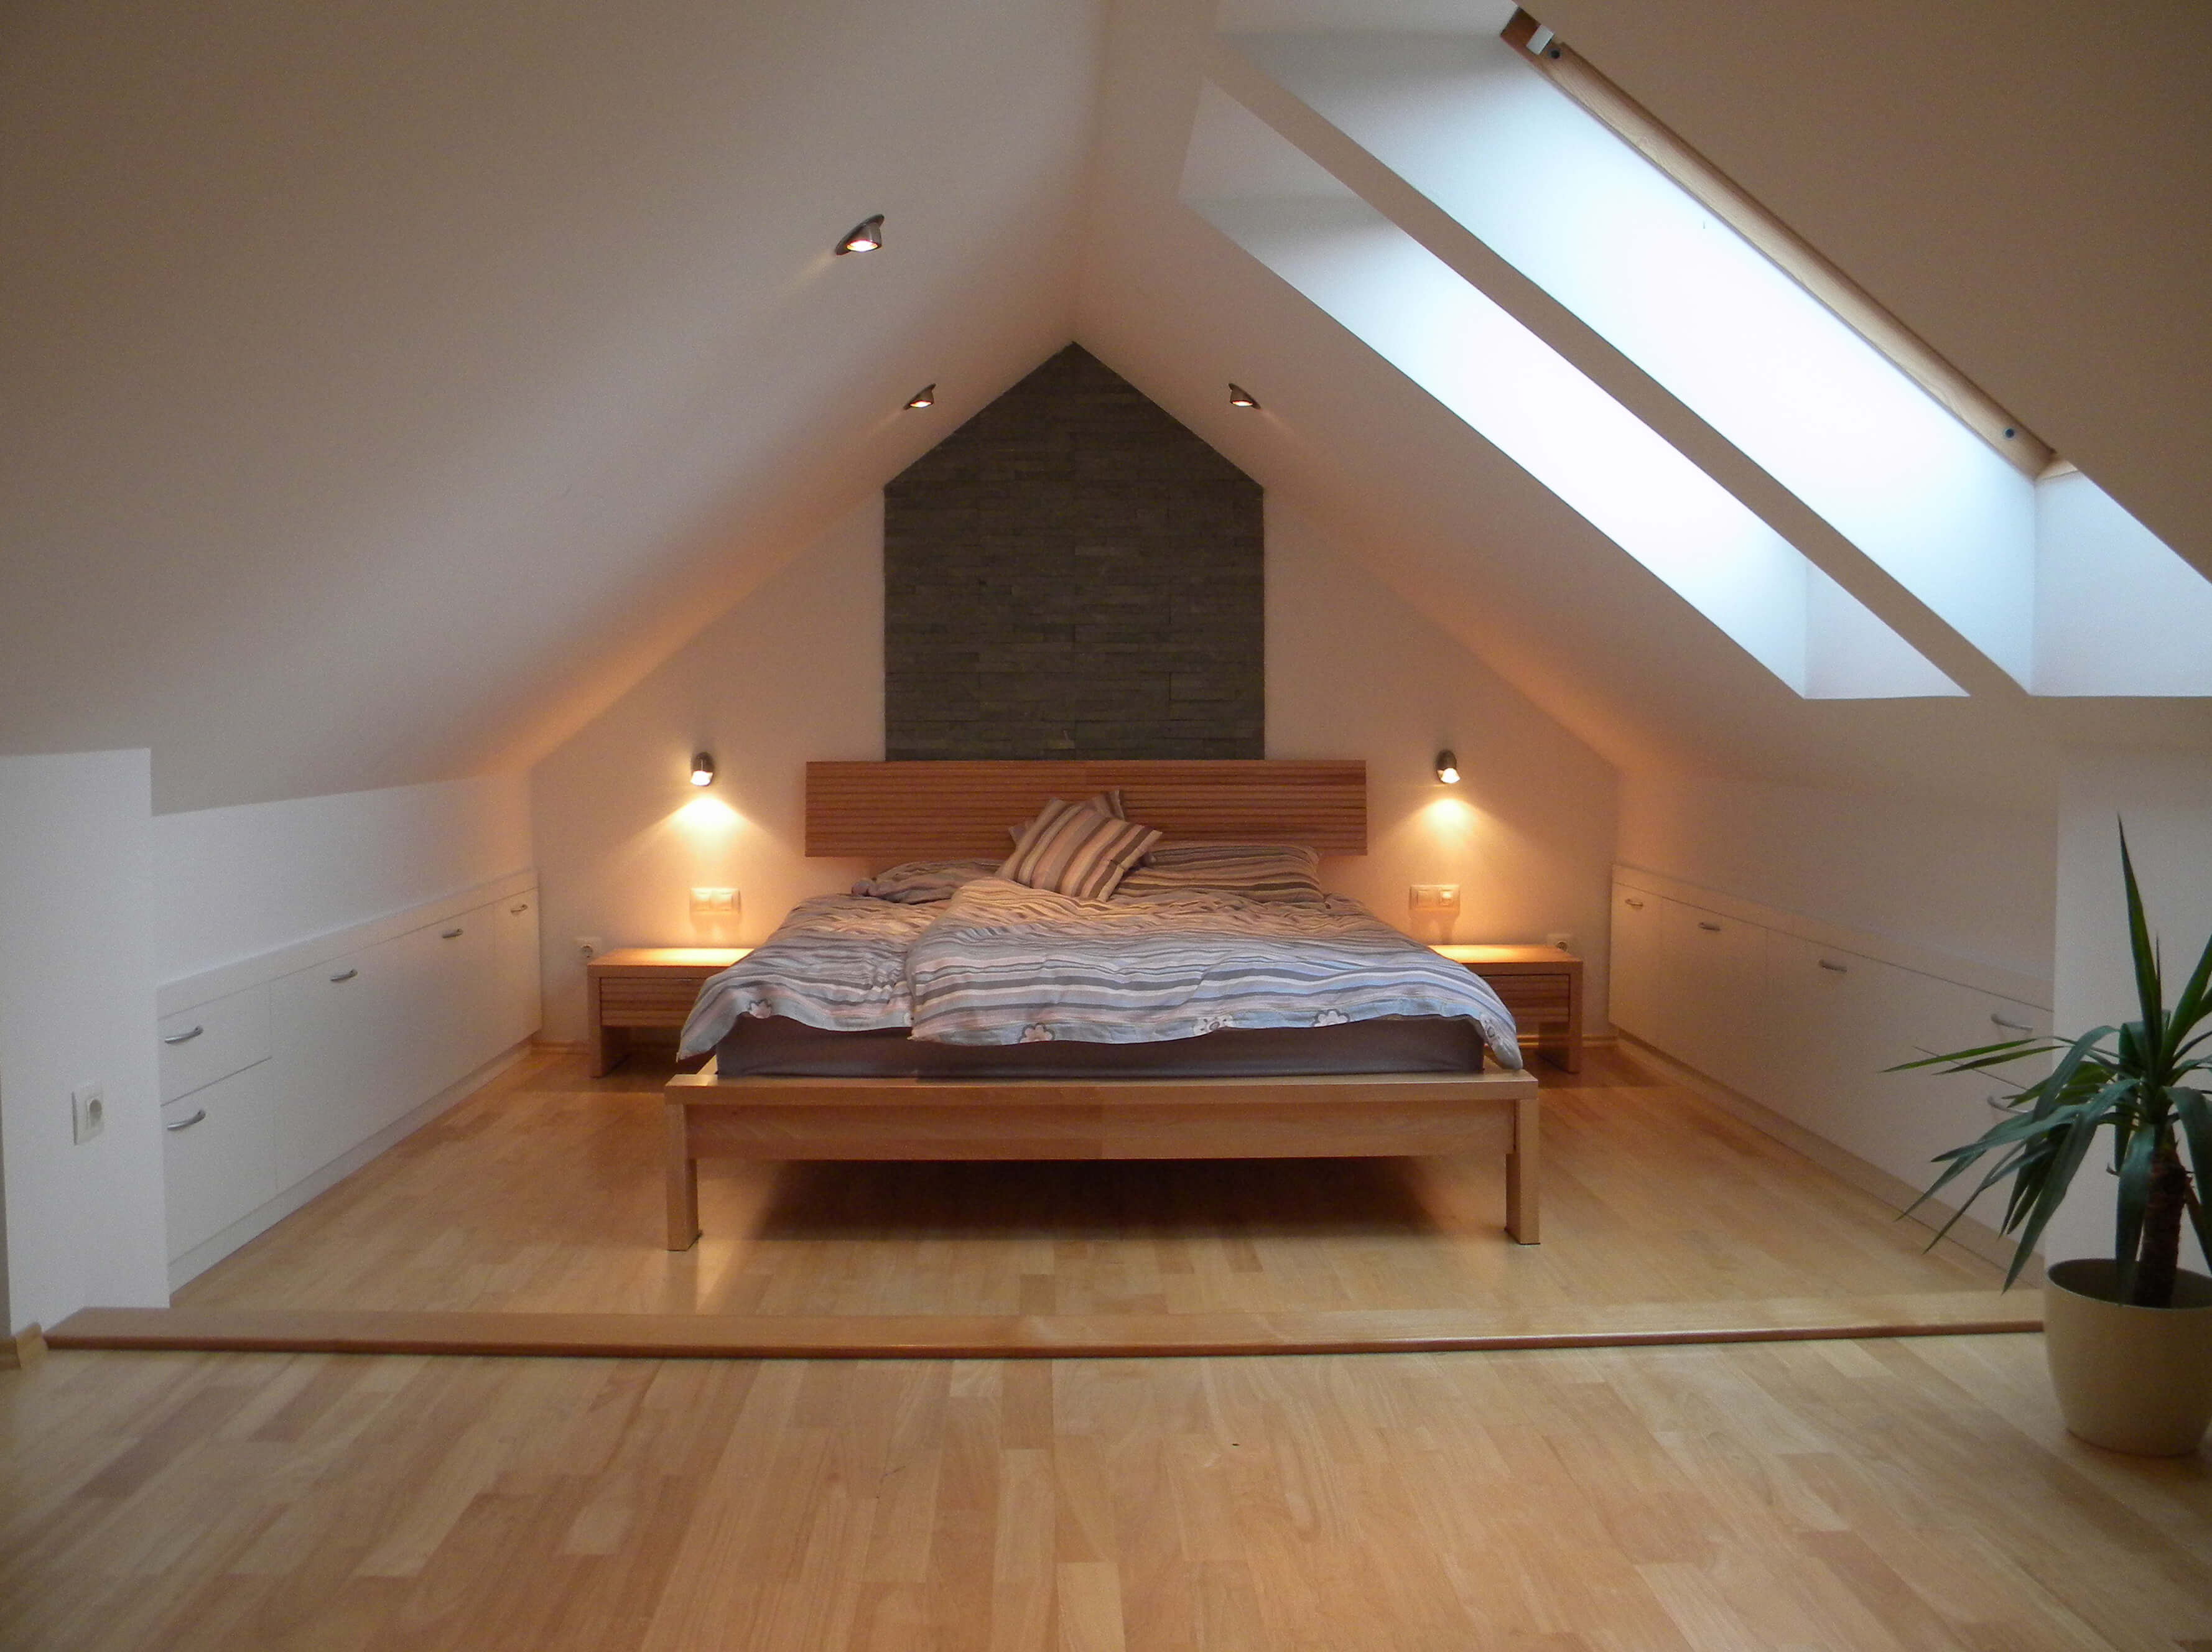 pohištvo po meri za spalnico mansarda